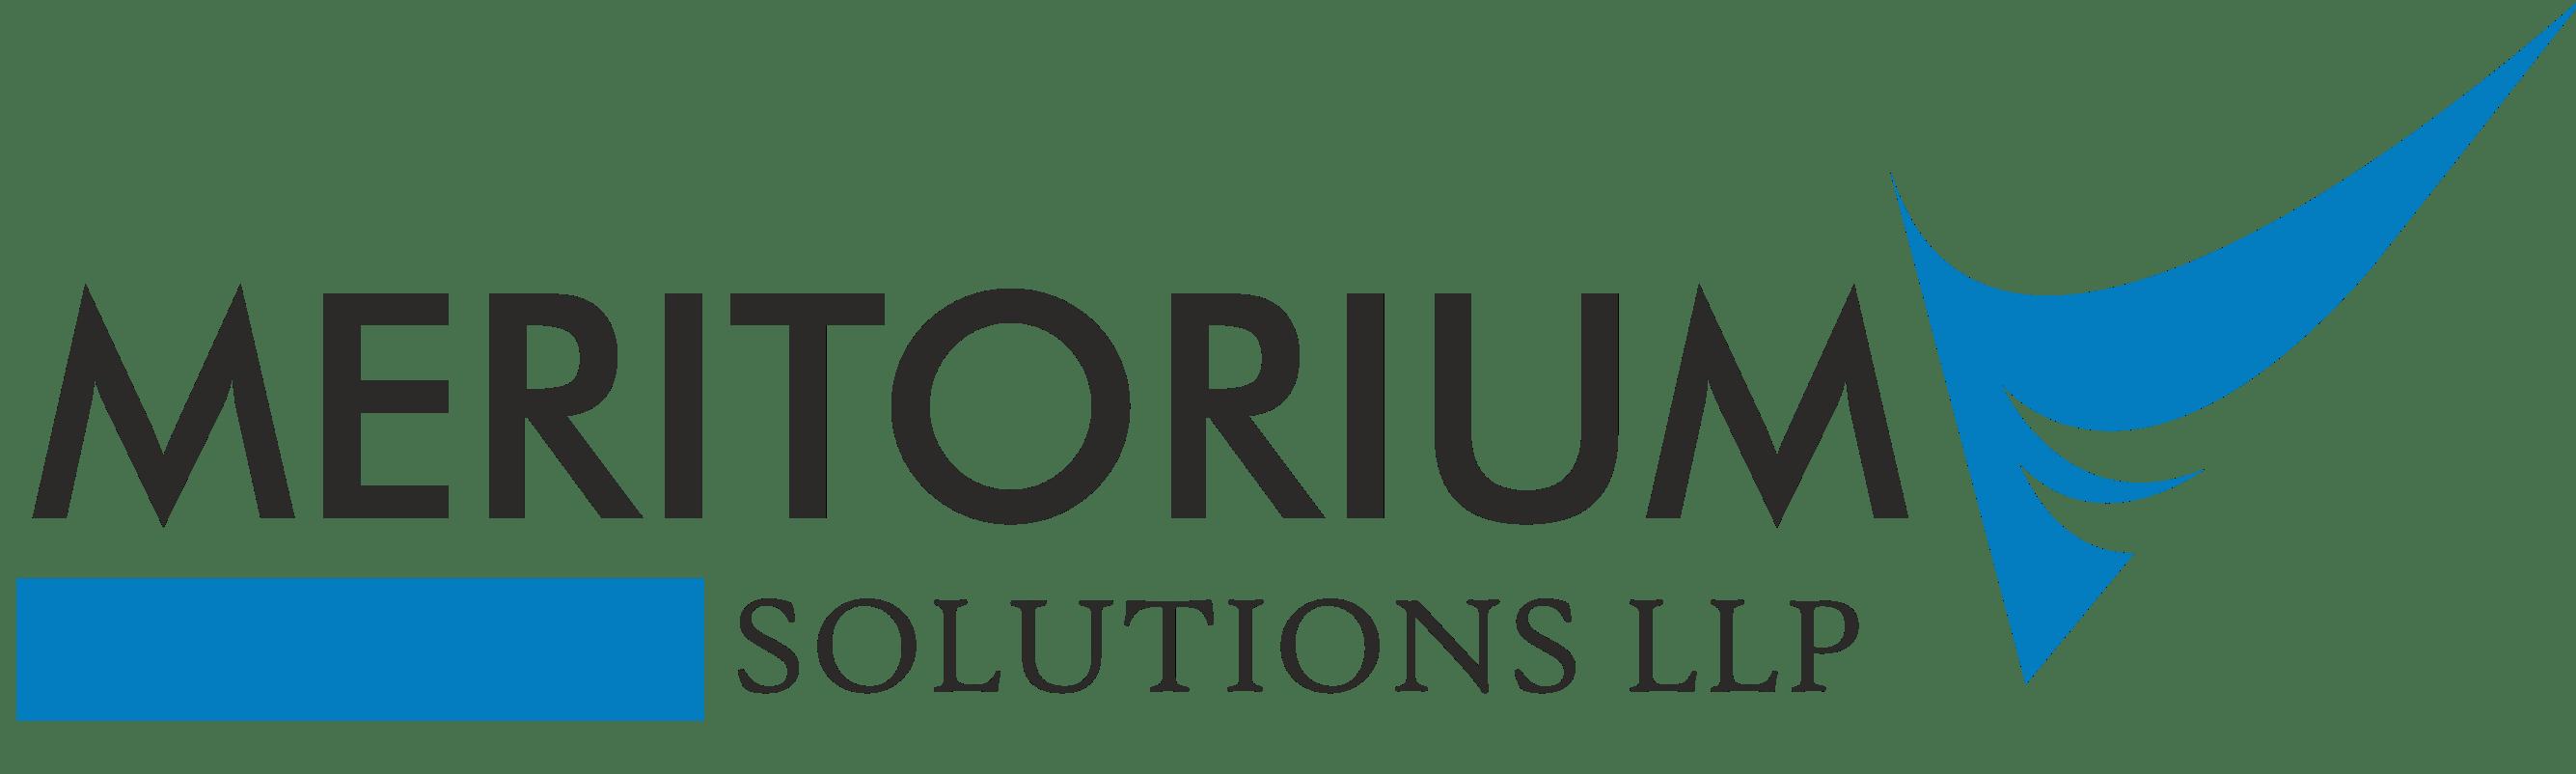 Meritorium Solutions